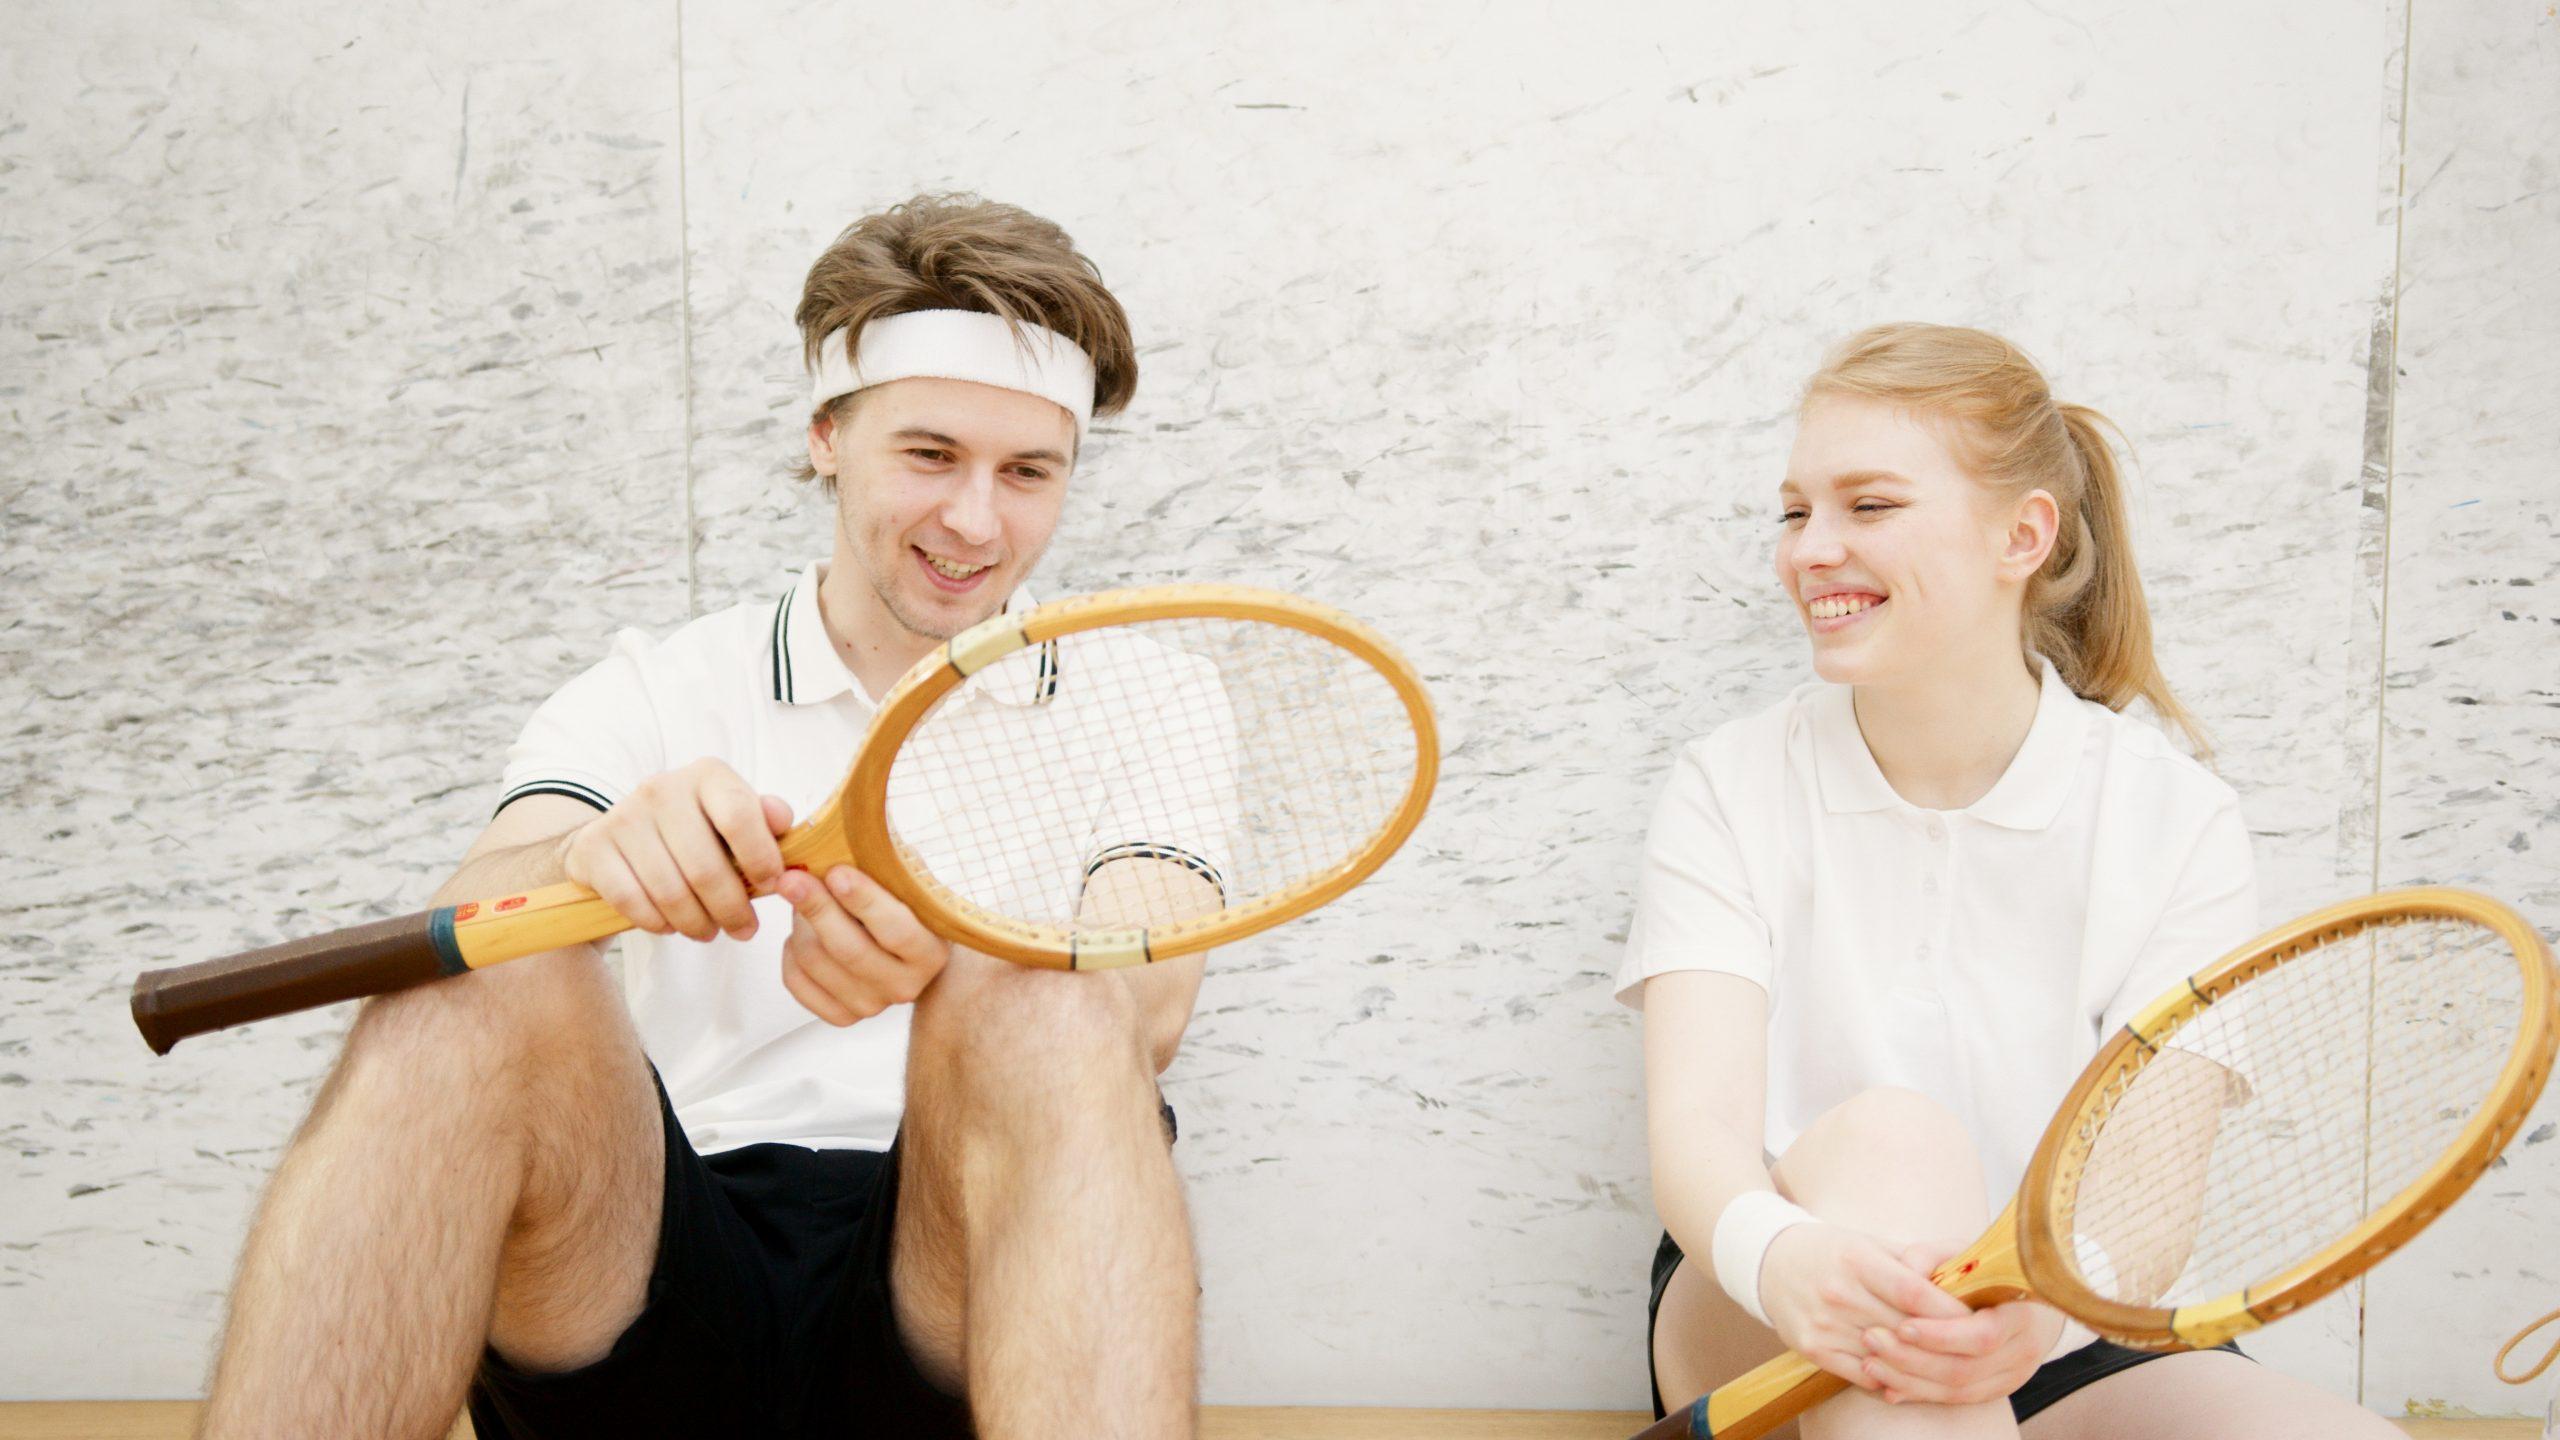 Homem e mulher sentados no chão, encostados na parede olhando e sorrindo para uma raquete de squash